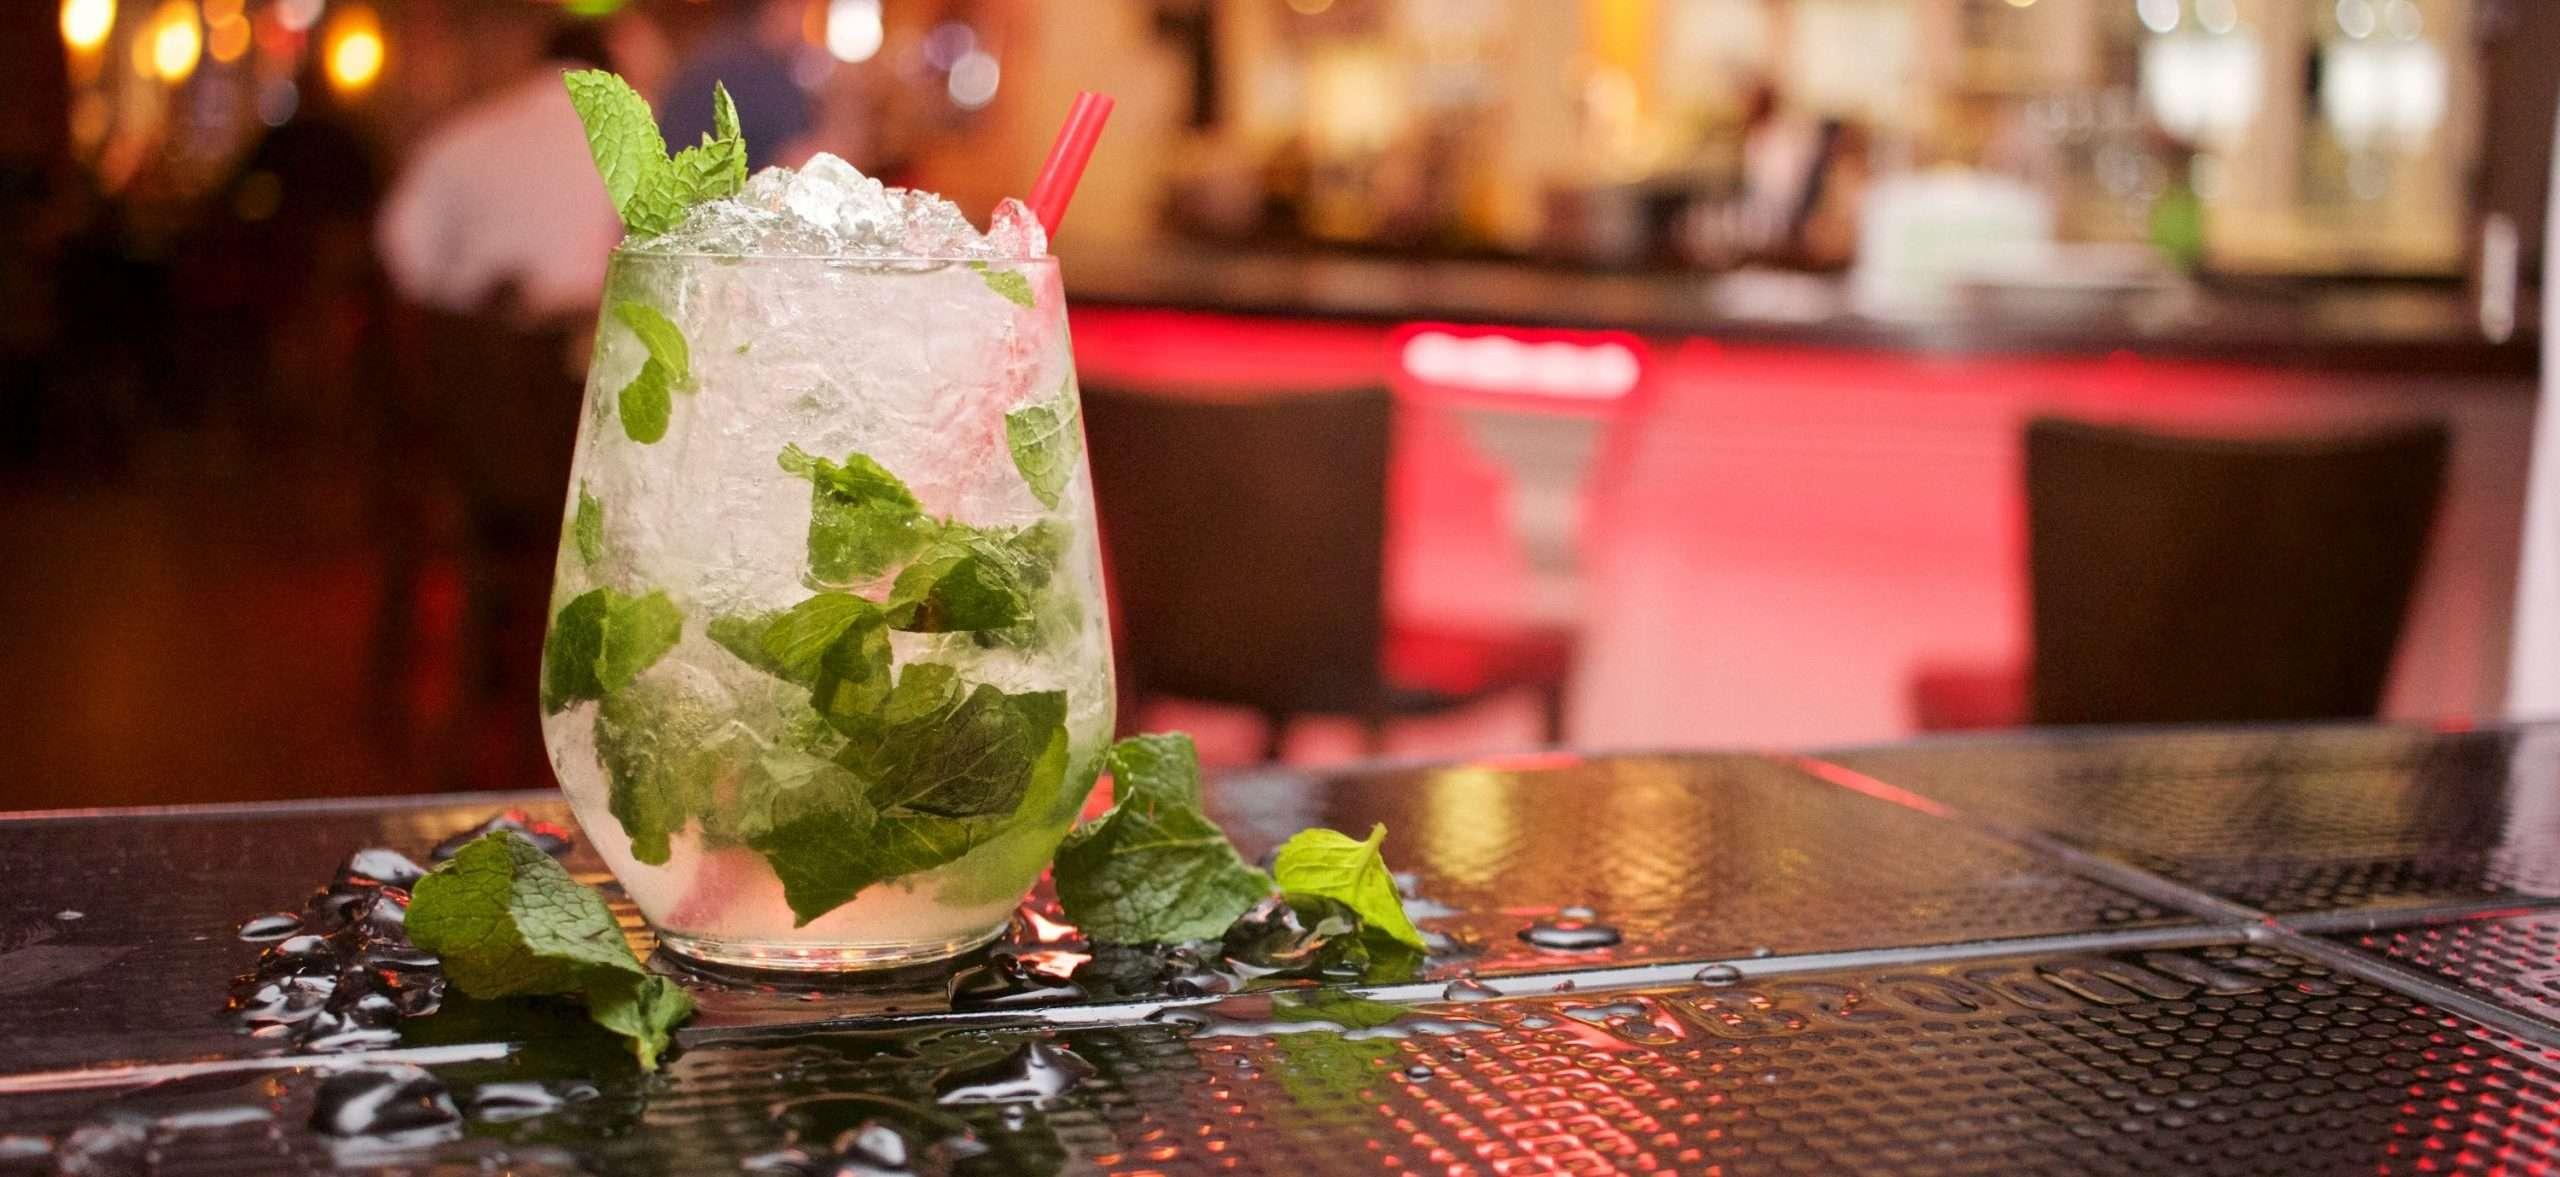 Cucina brasiliana Caipirinha cocktail drink